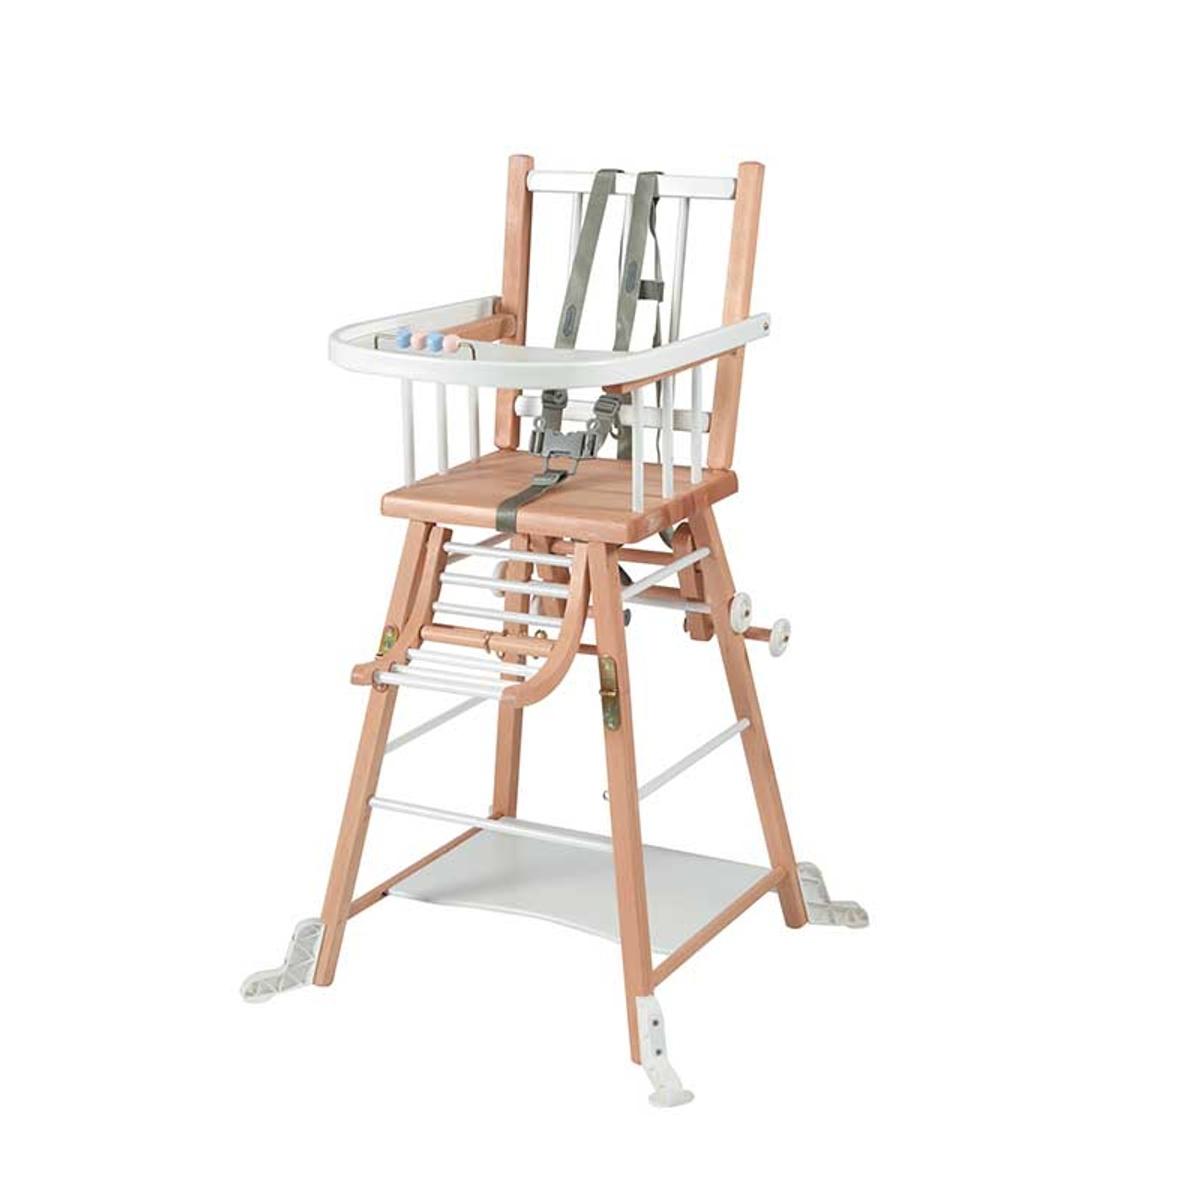 Chaise haute bébé en bois  bicolore blanc - 57x95 cm